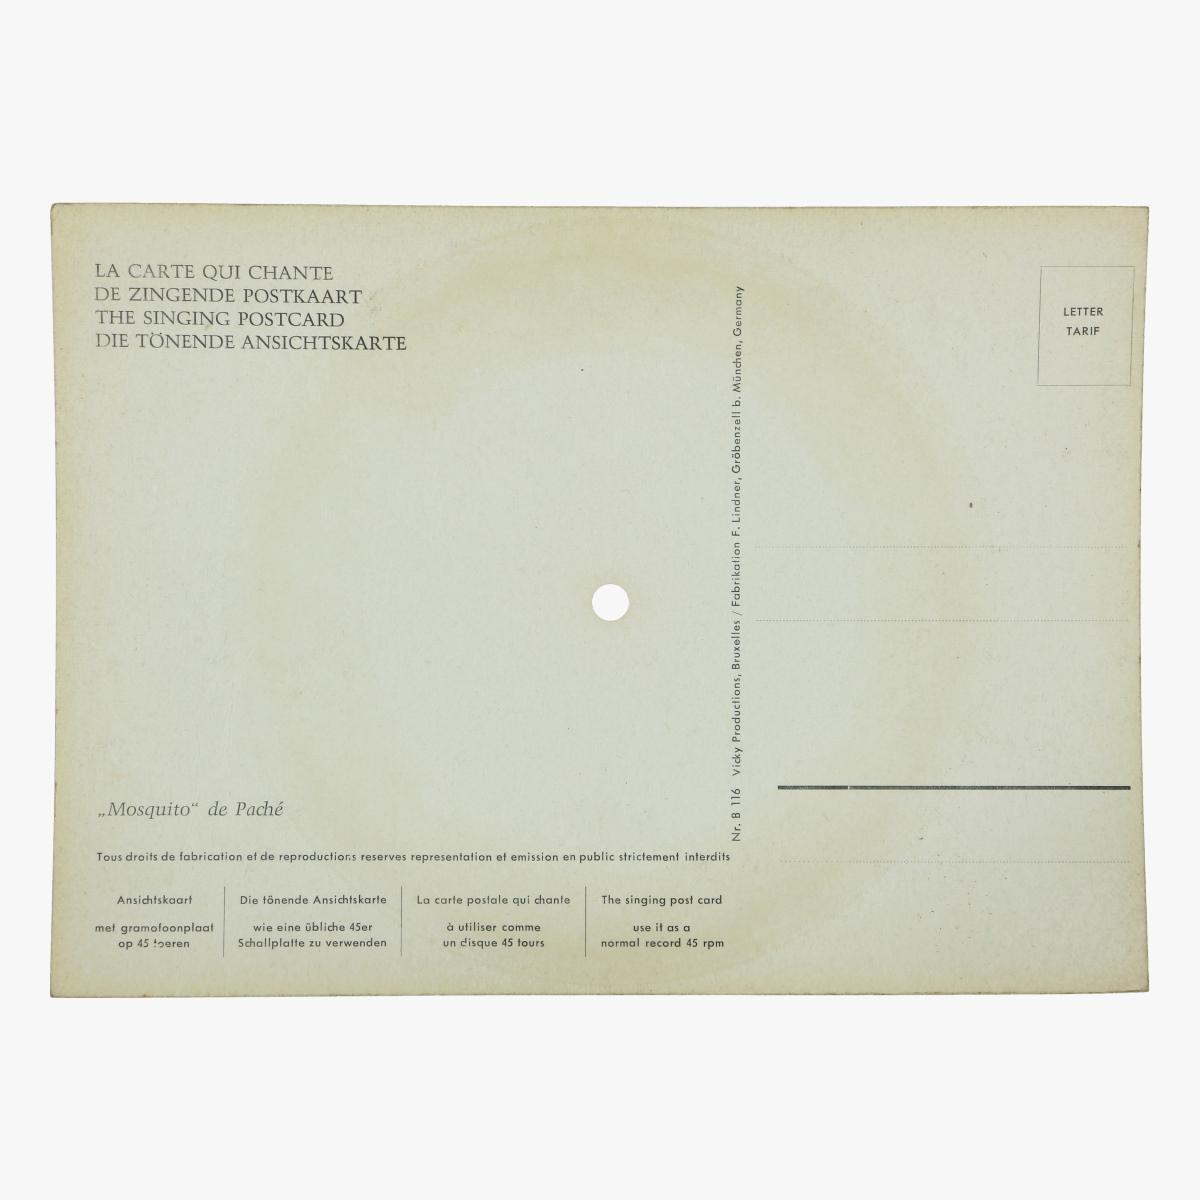 Afbeeldingen van de zingende postkaart brugge single op 45 toeren mosquito de paché